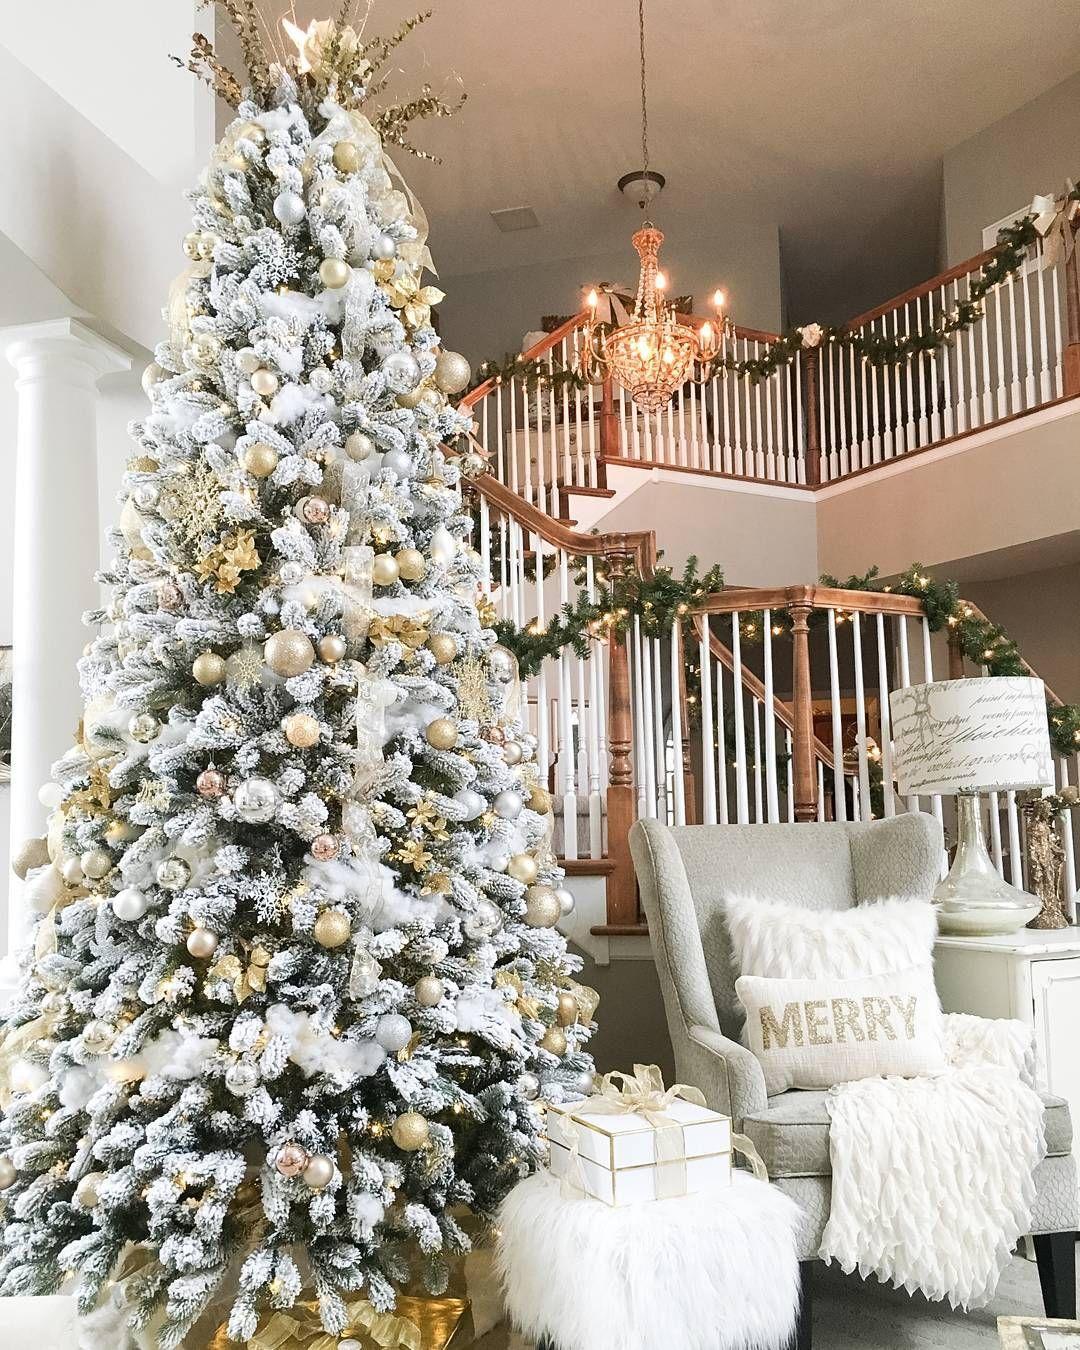 King Of Christmas Kingofchristmas On Instagram Beautiful King